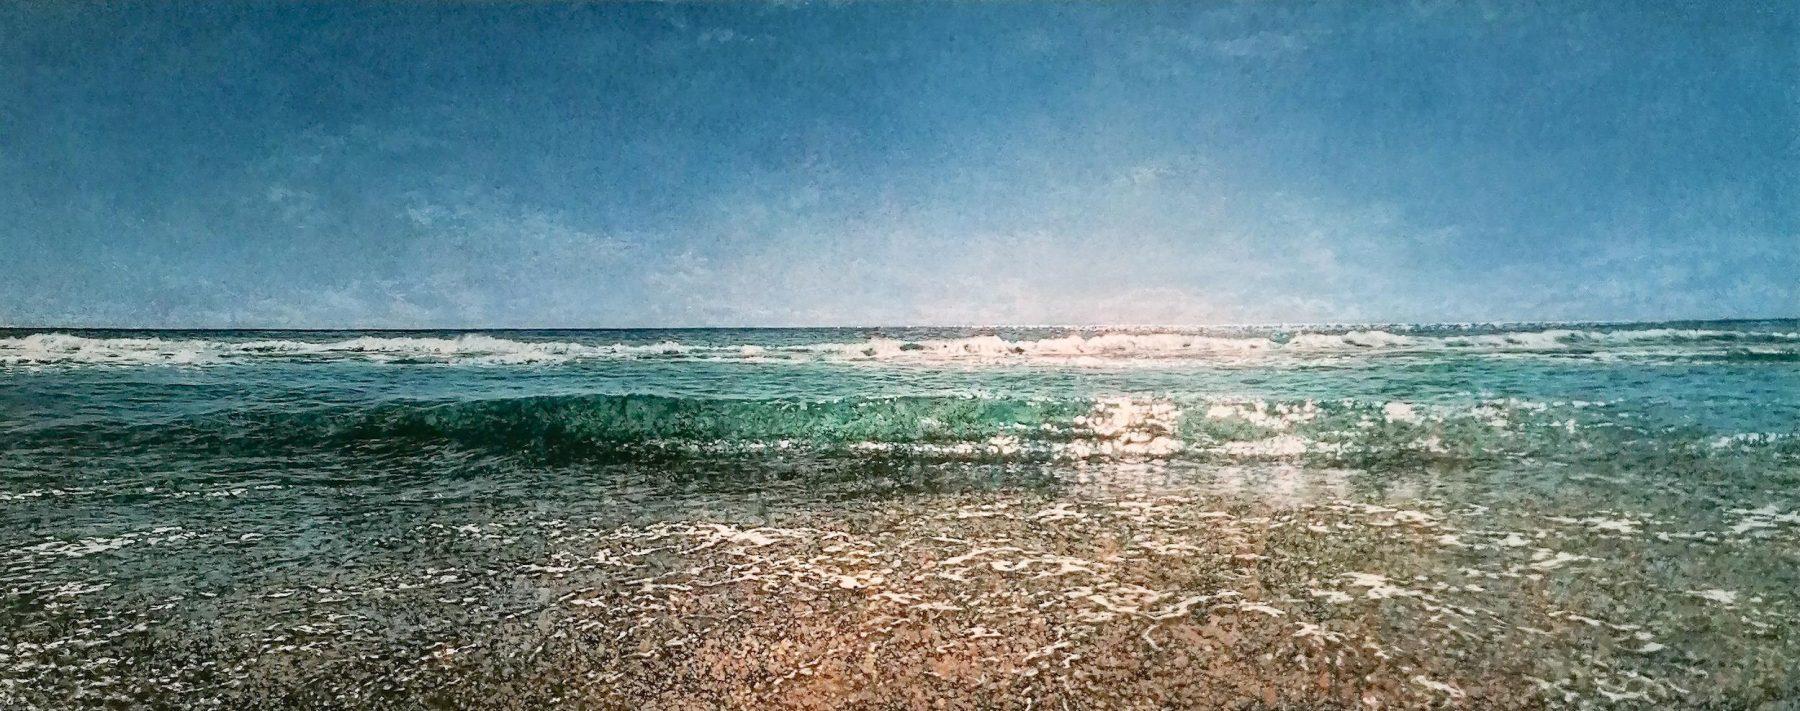 Seascape 5 - Arató, Robert - k-2107RA3